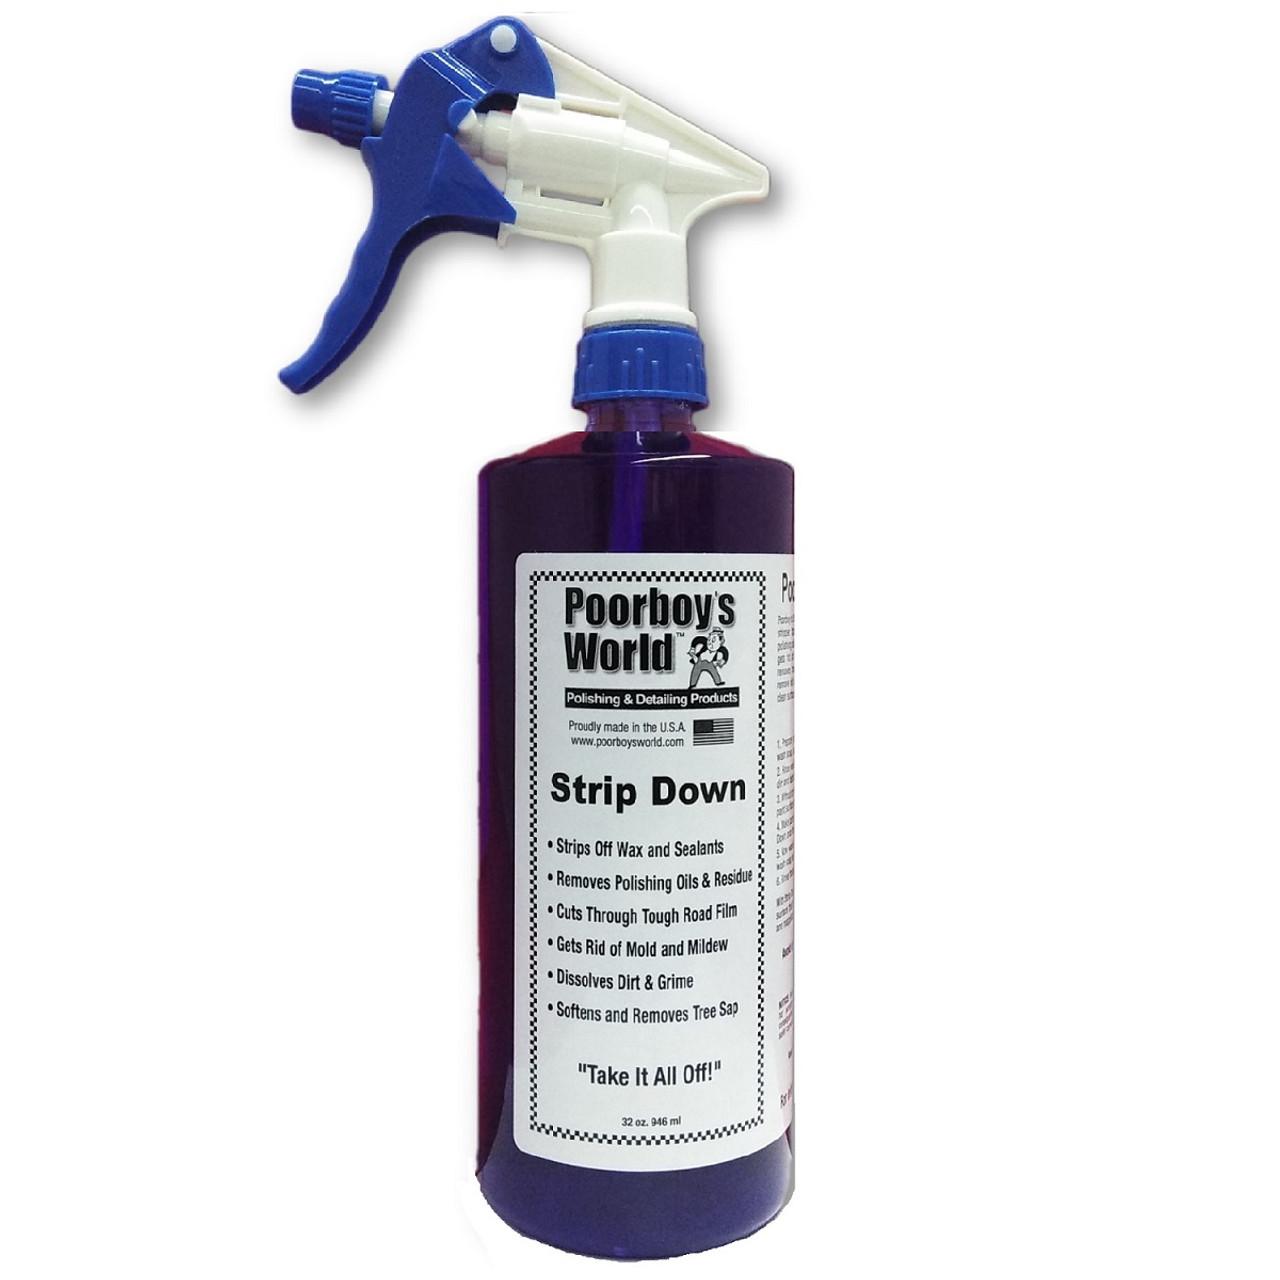 Poorboy's World Strip Down Wax Stripper 32oz w/Sprayer